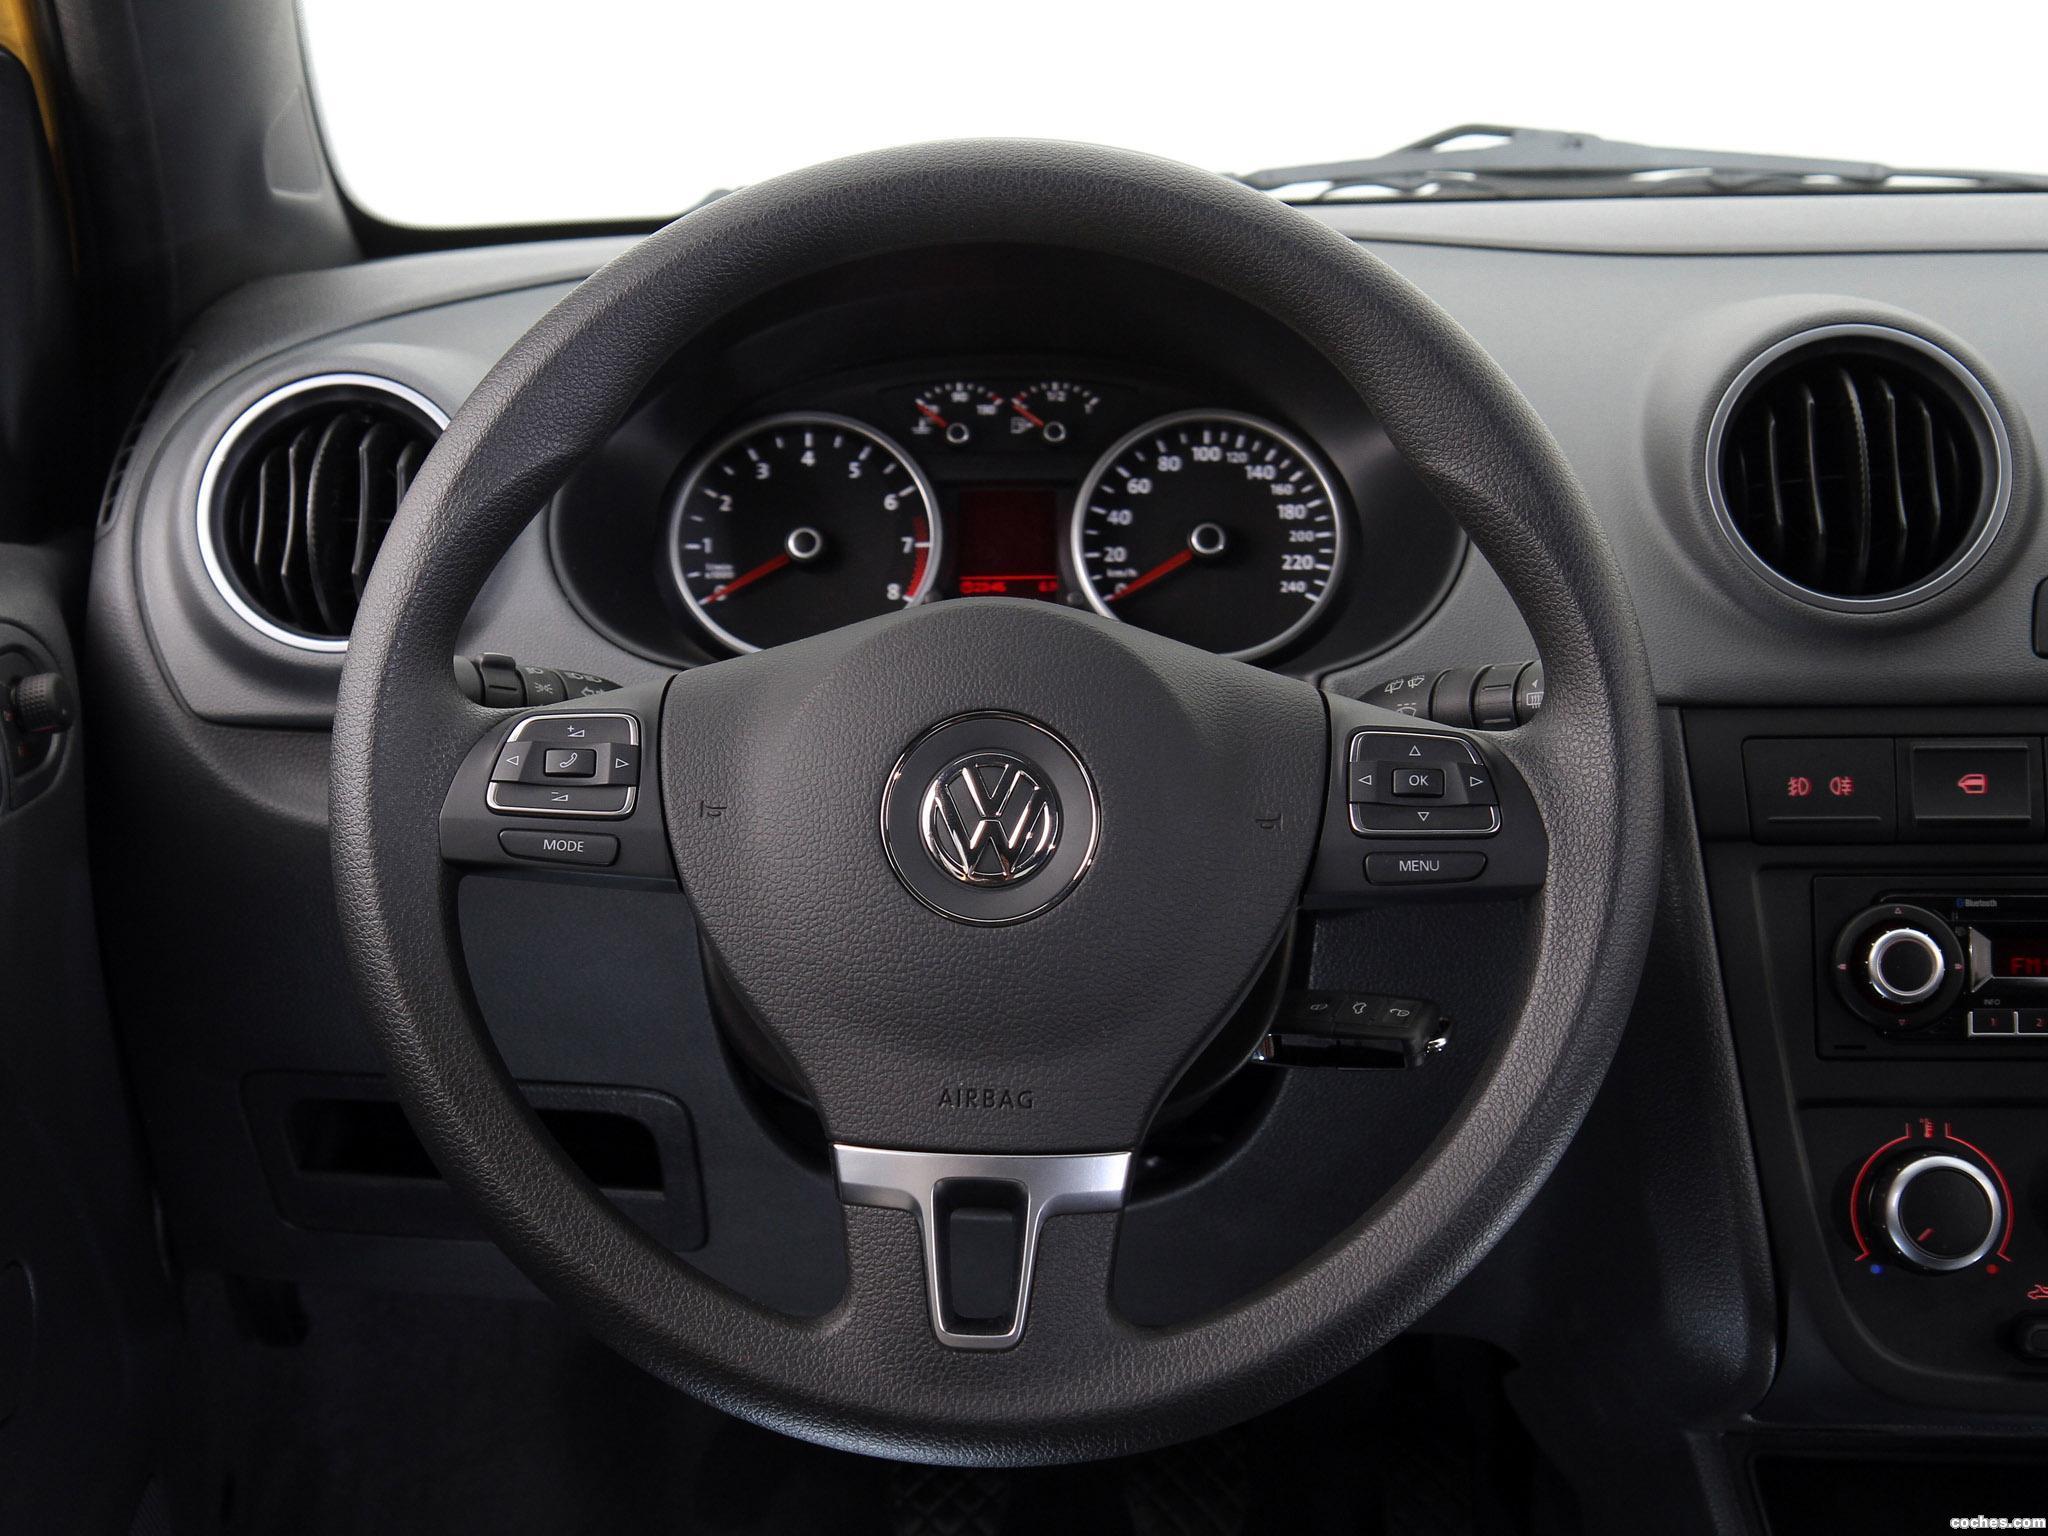 Foto 11 de Volkswagen Gol Rallye 2010-2012